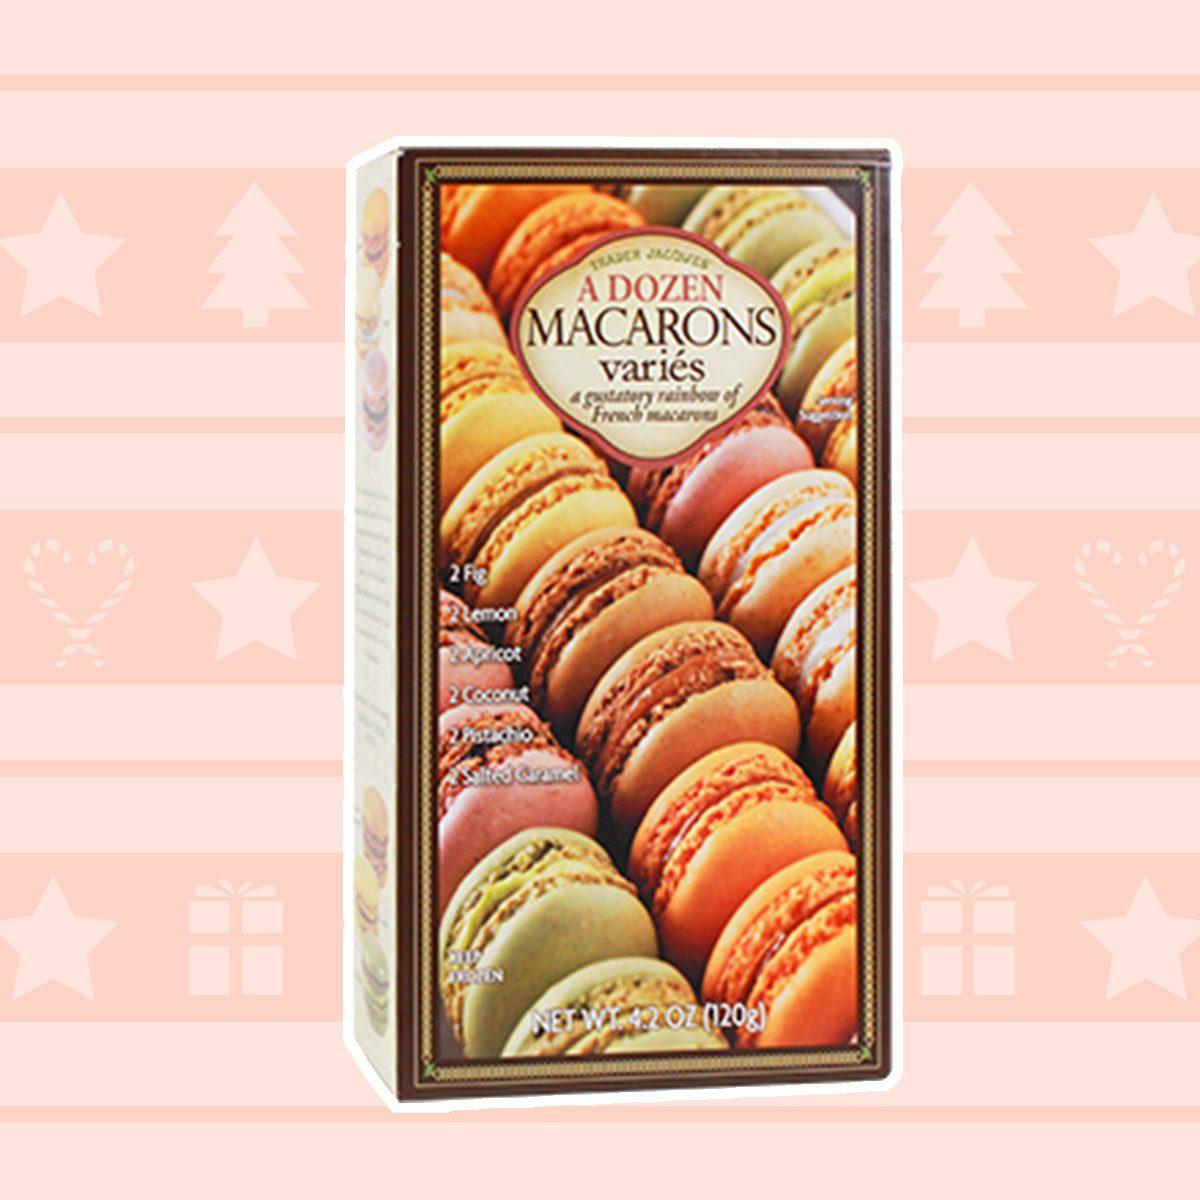 A Dozen Macarons Variés